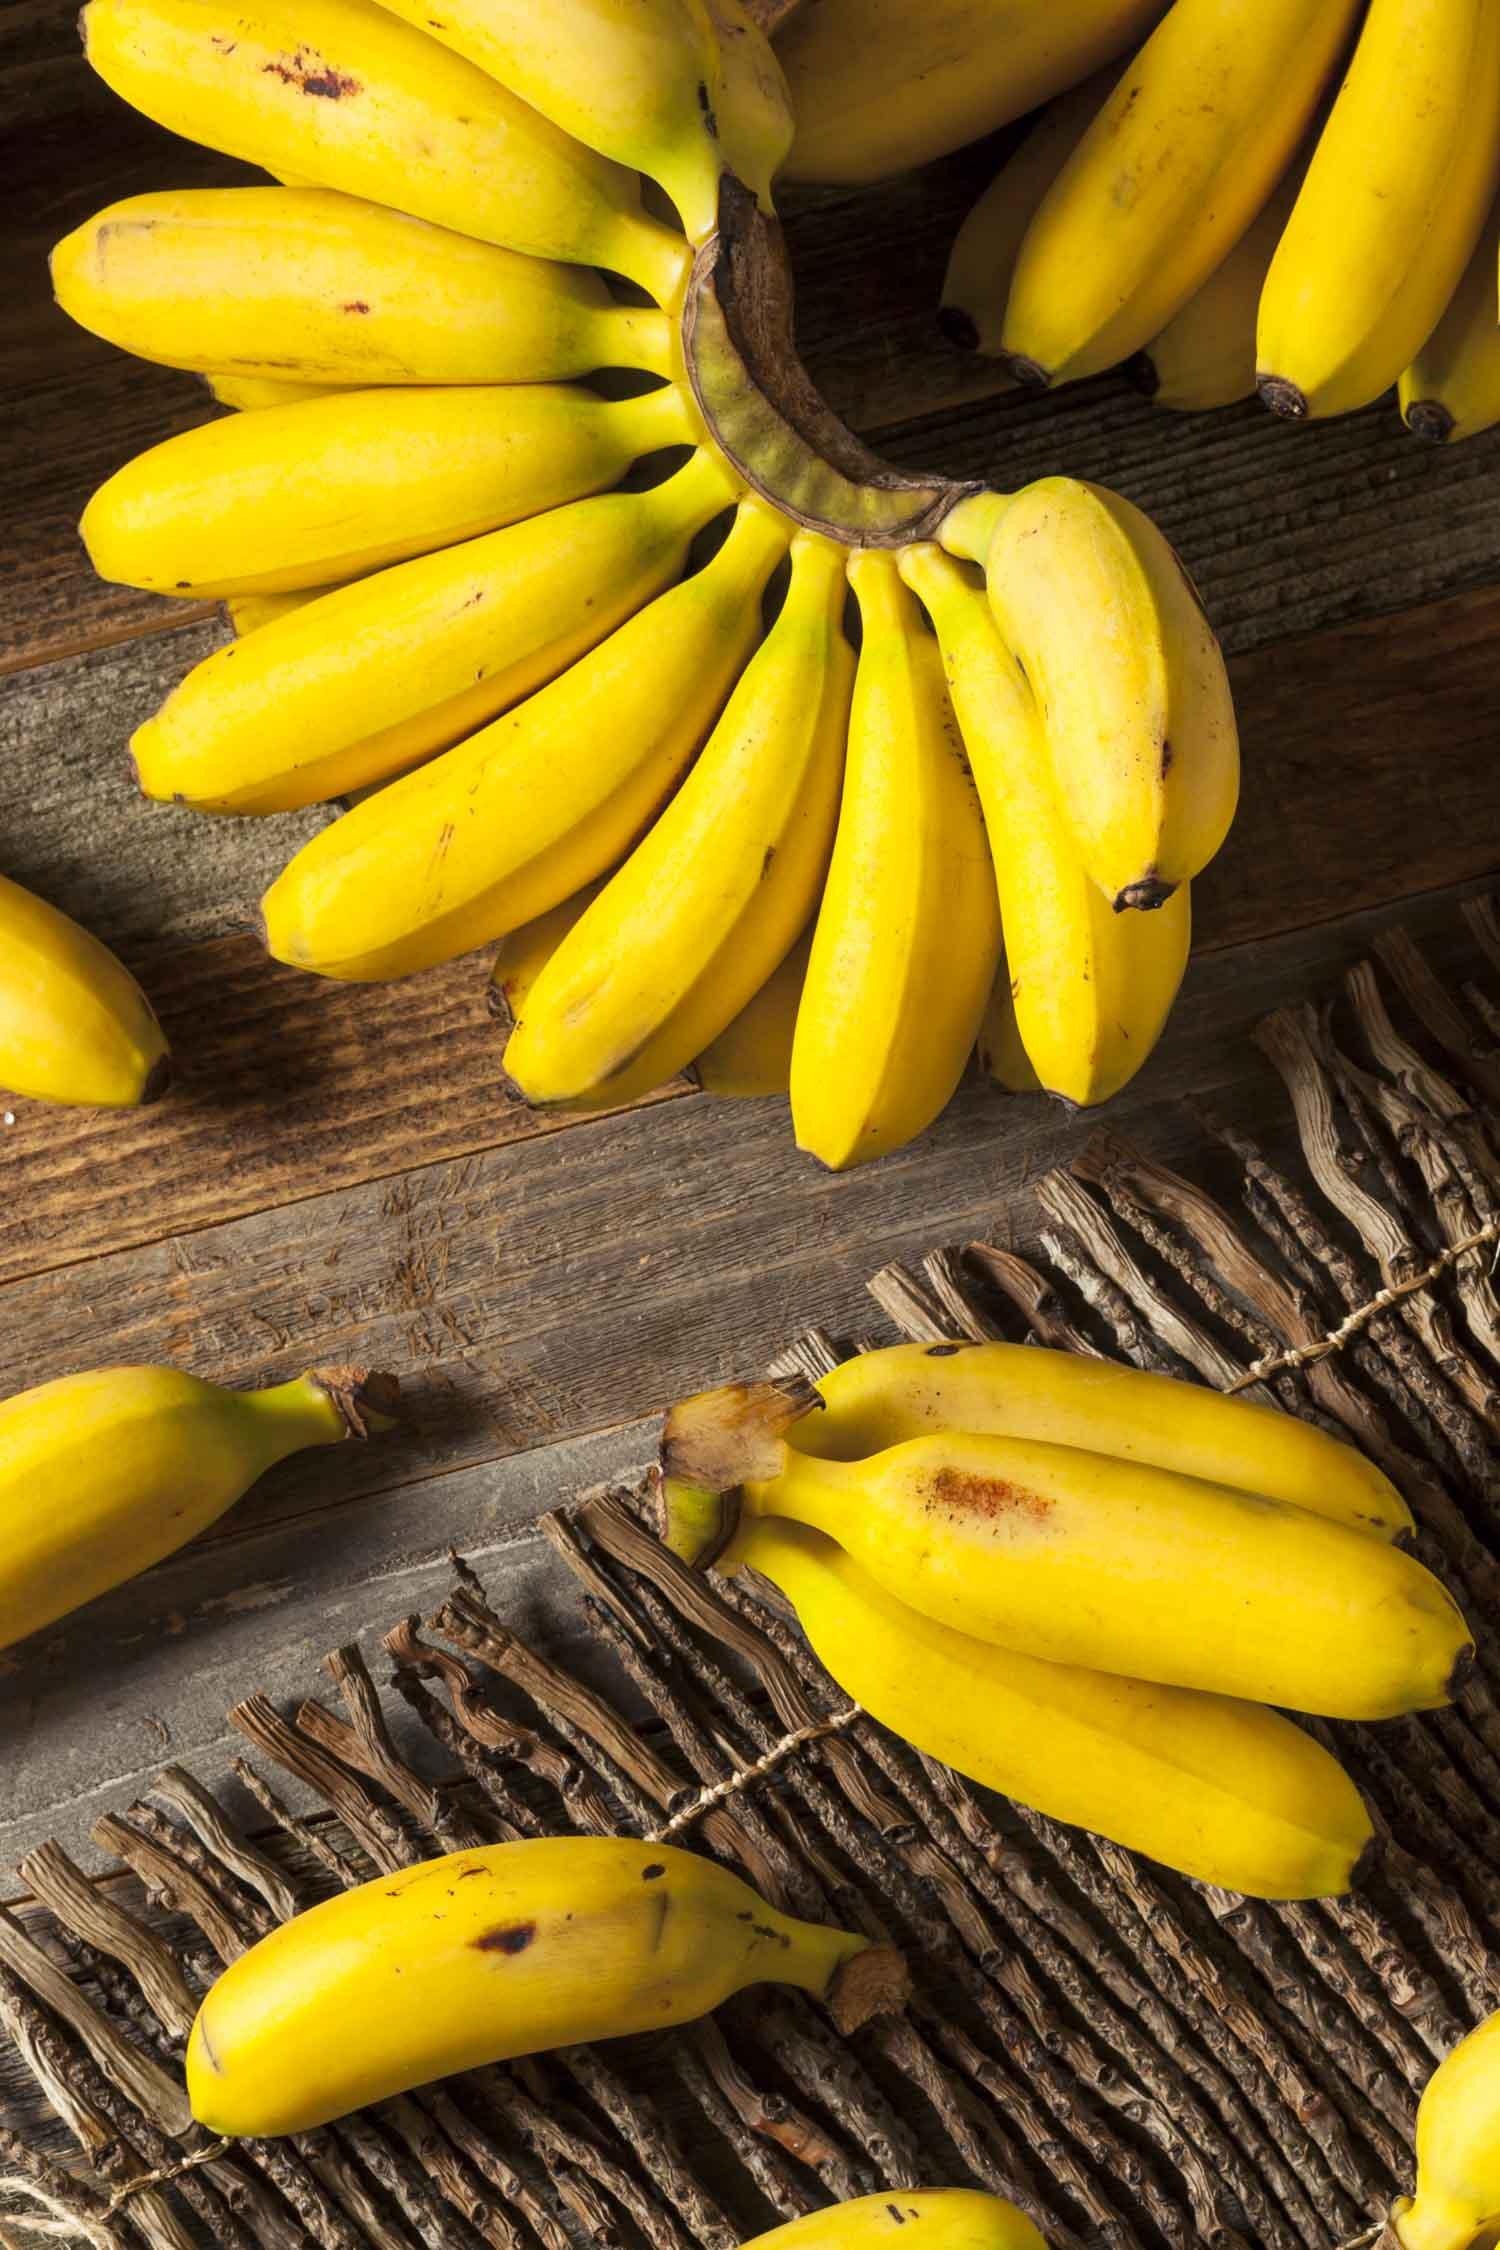 Hawaiian apple bananas in bunches